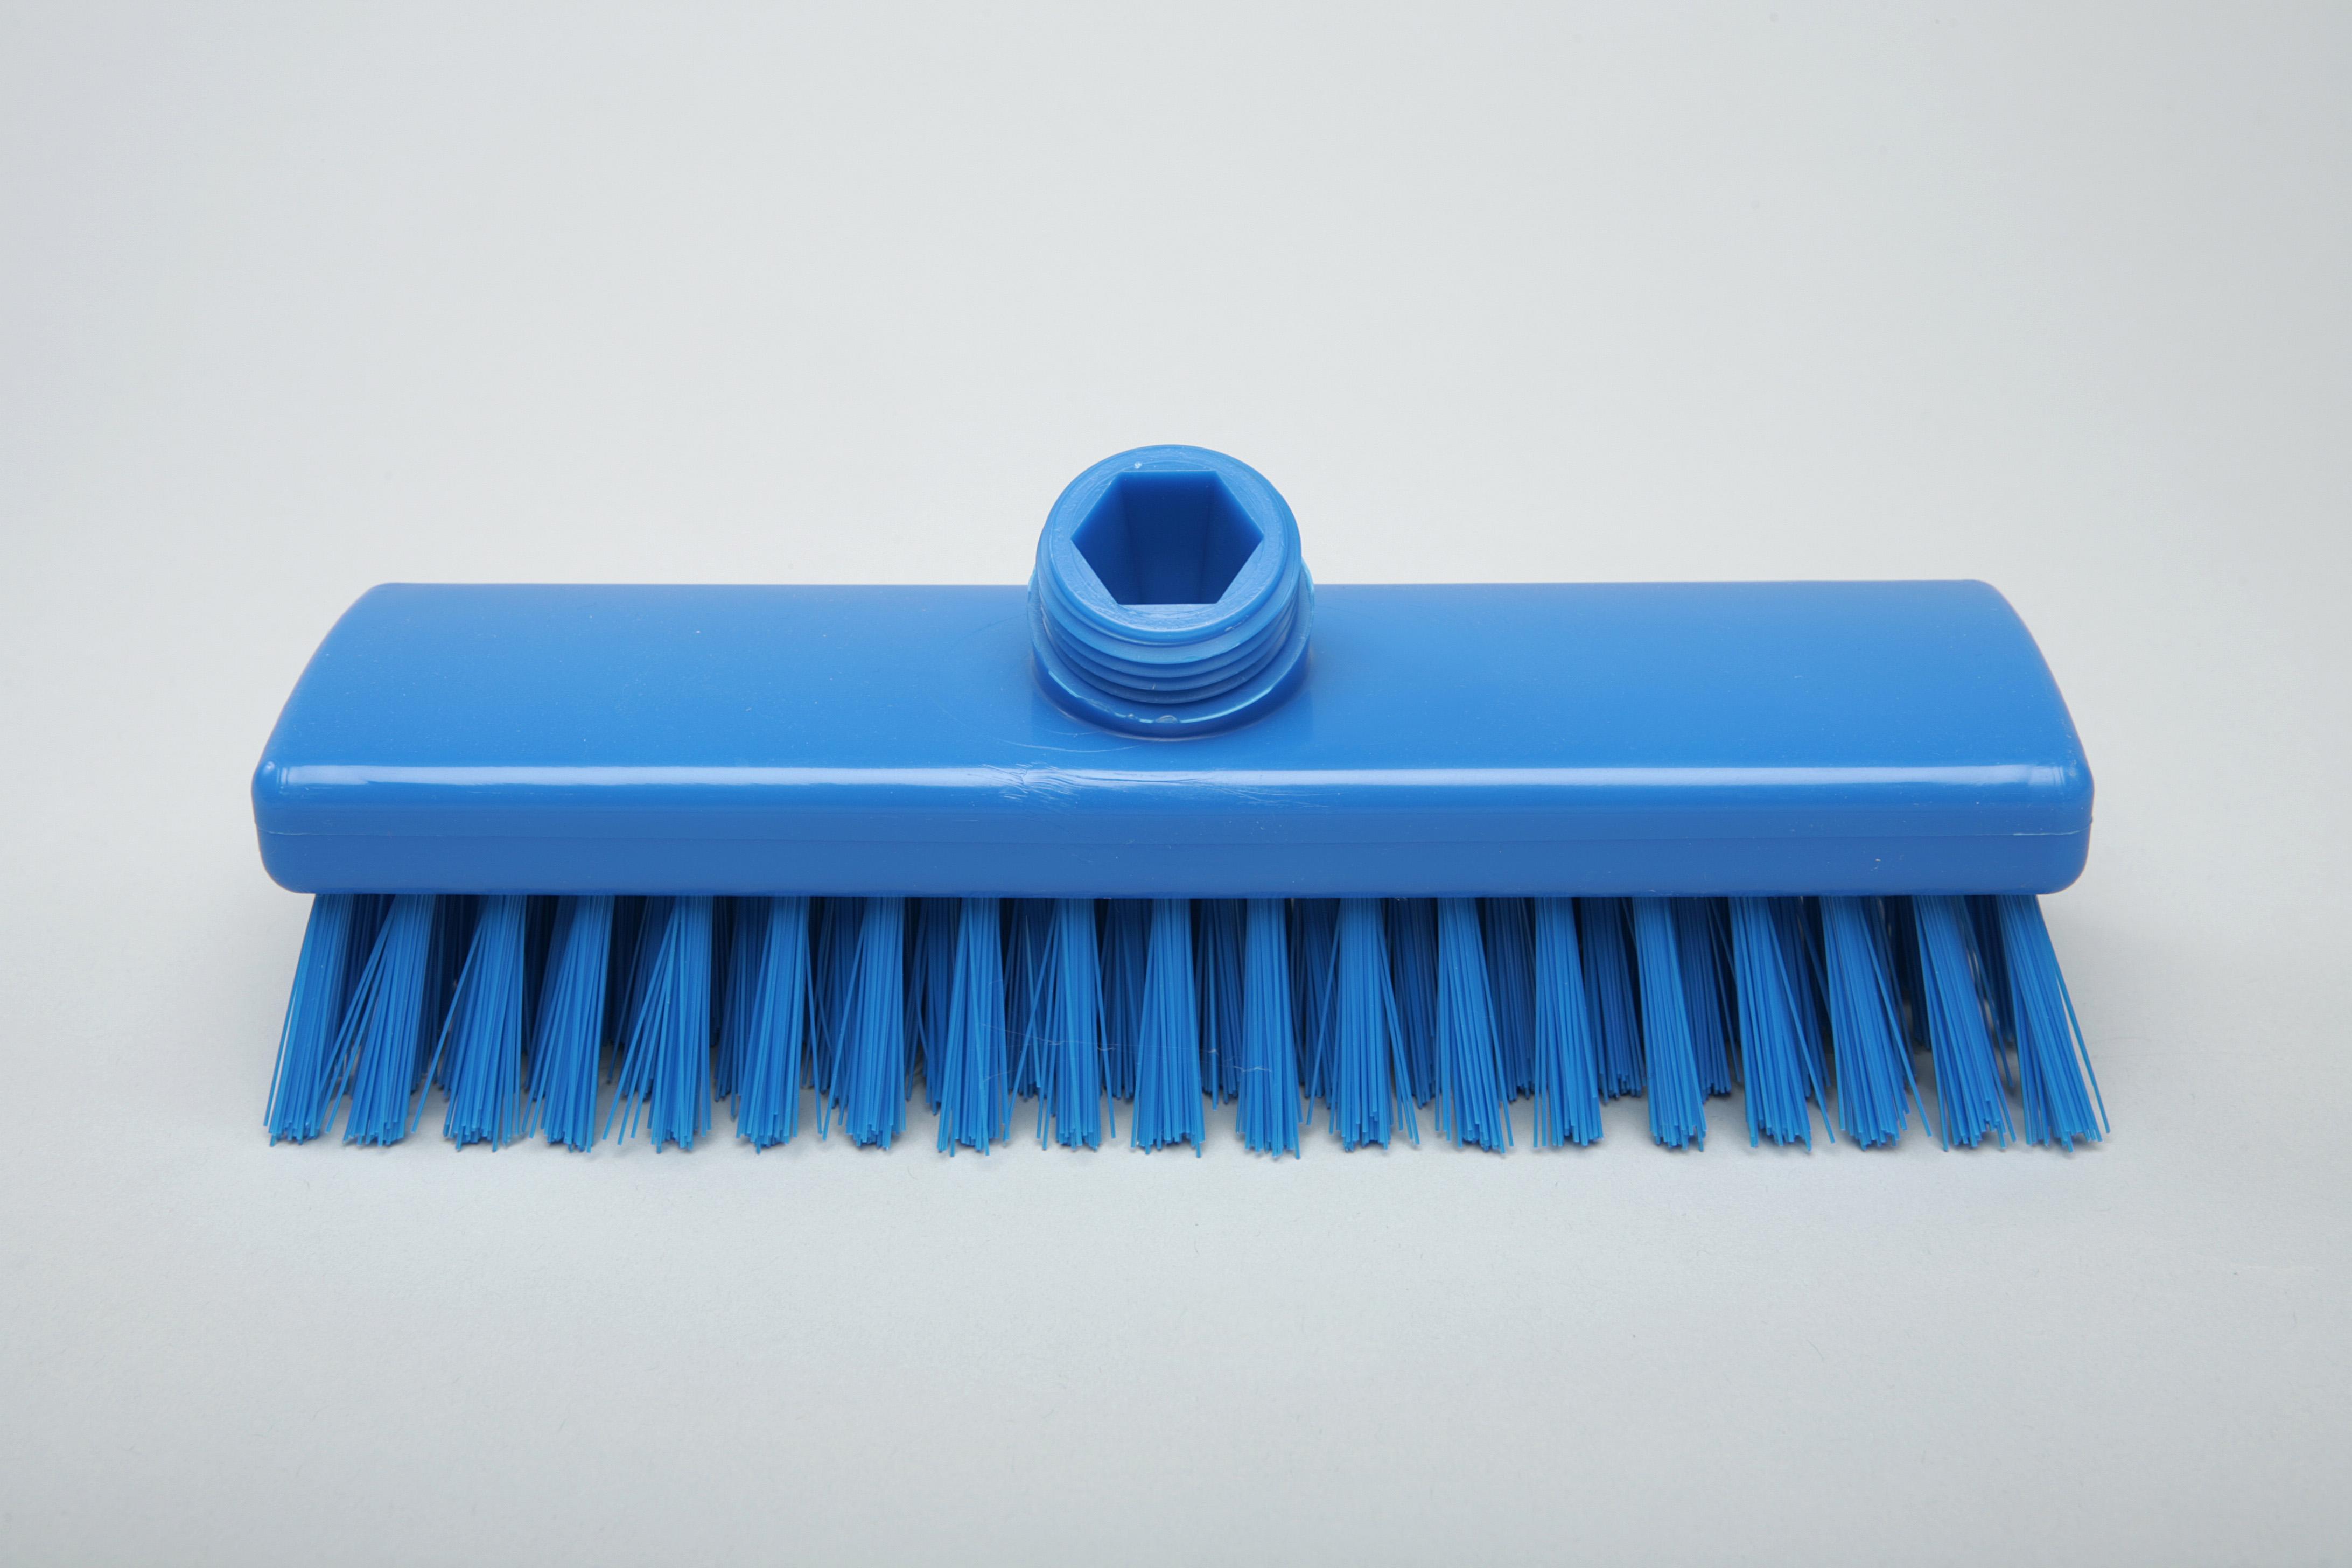 Unimop küürimishari 225 x 60 x 30 mm, tugev, sinine, kastis 6 tk